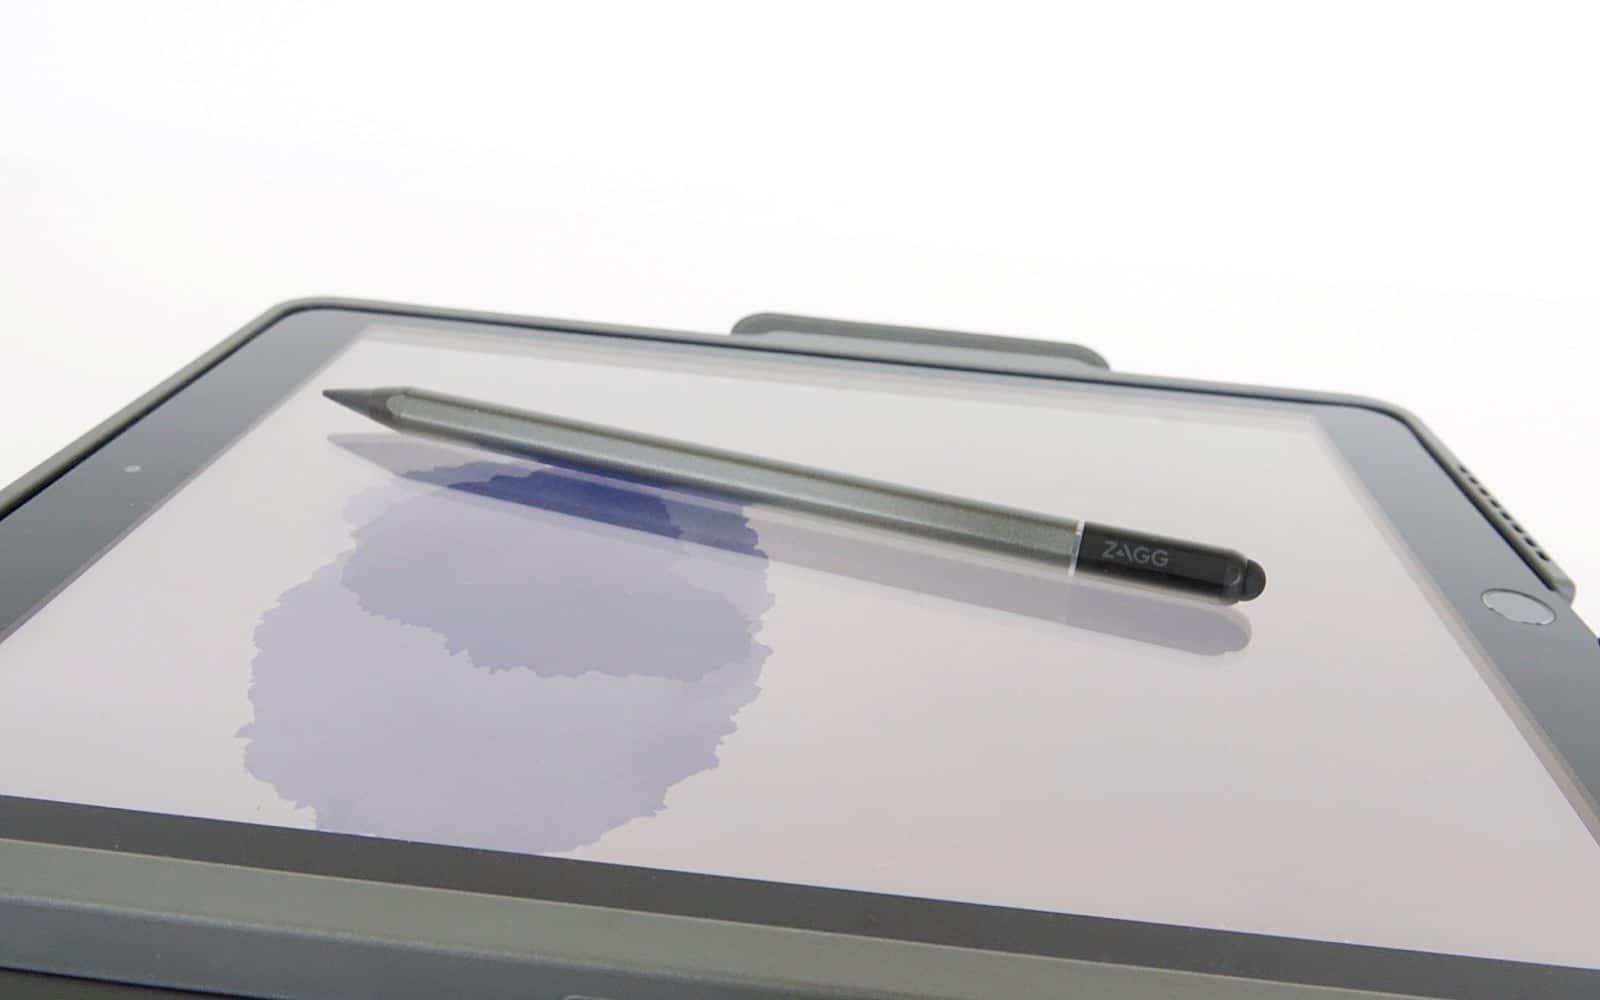 Zagg Pro Stylus on an iPad 10.2 with the Zagg Pro Keys